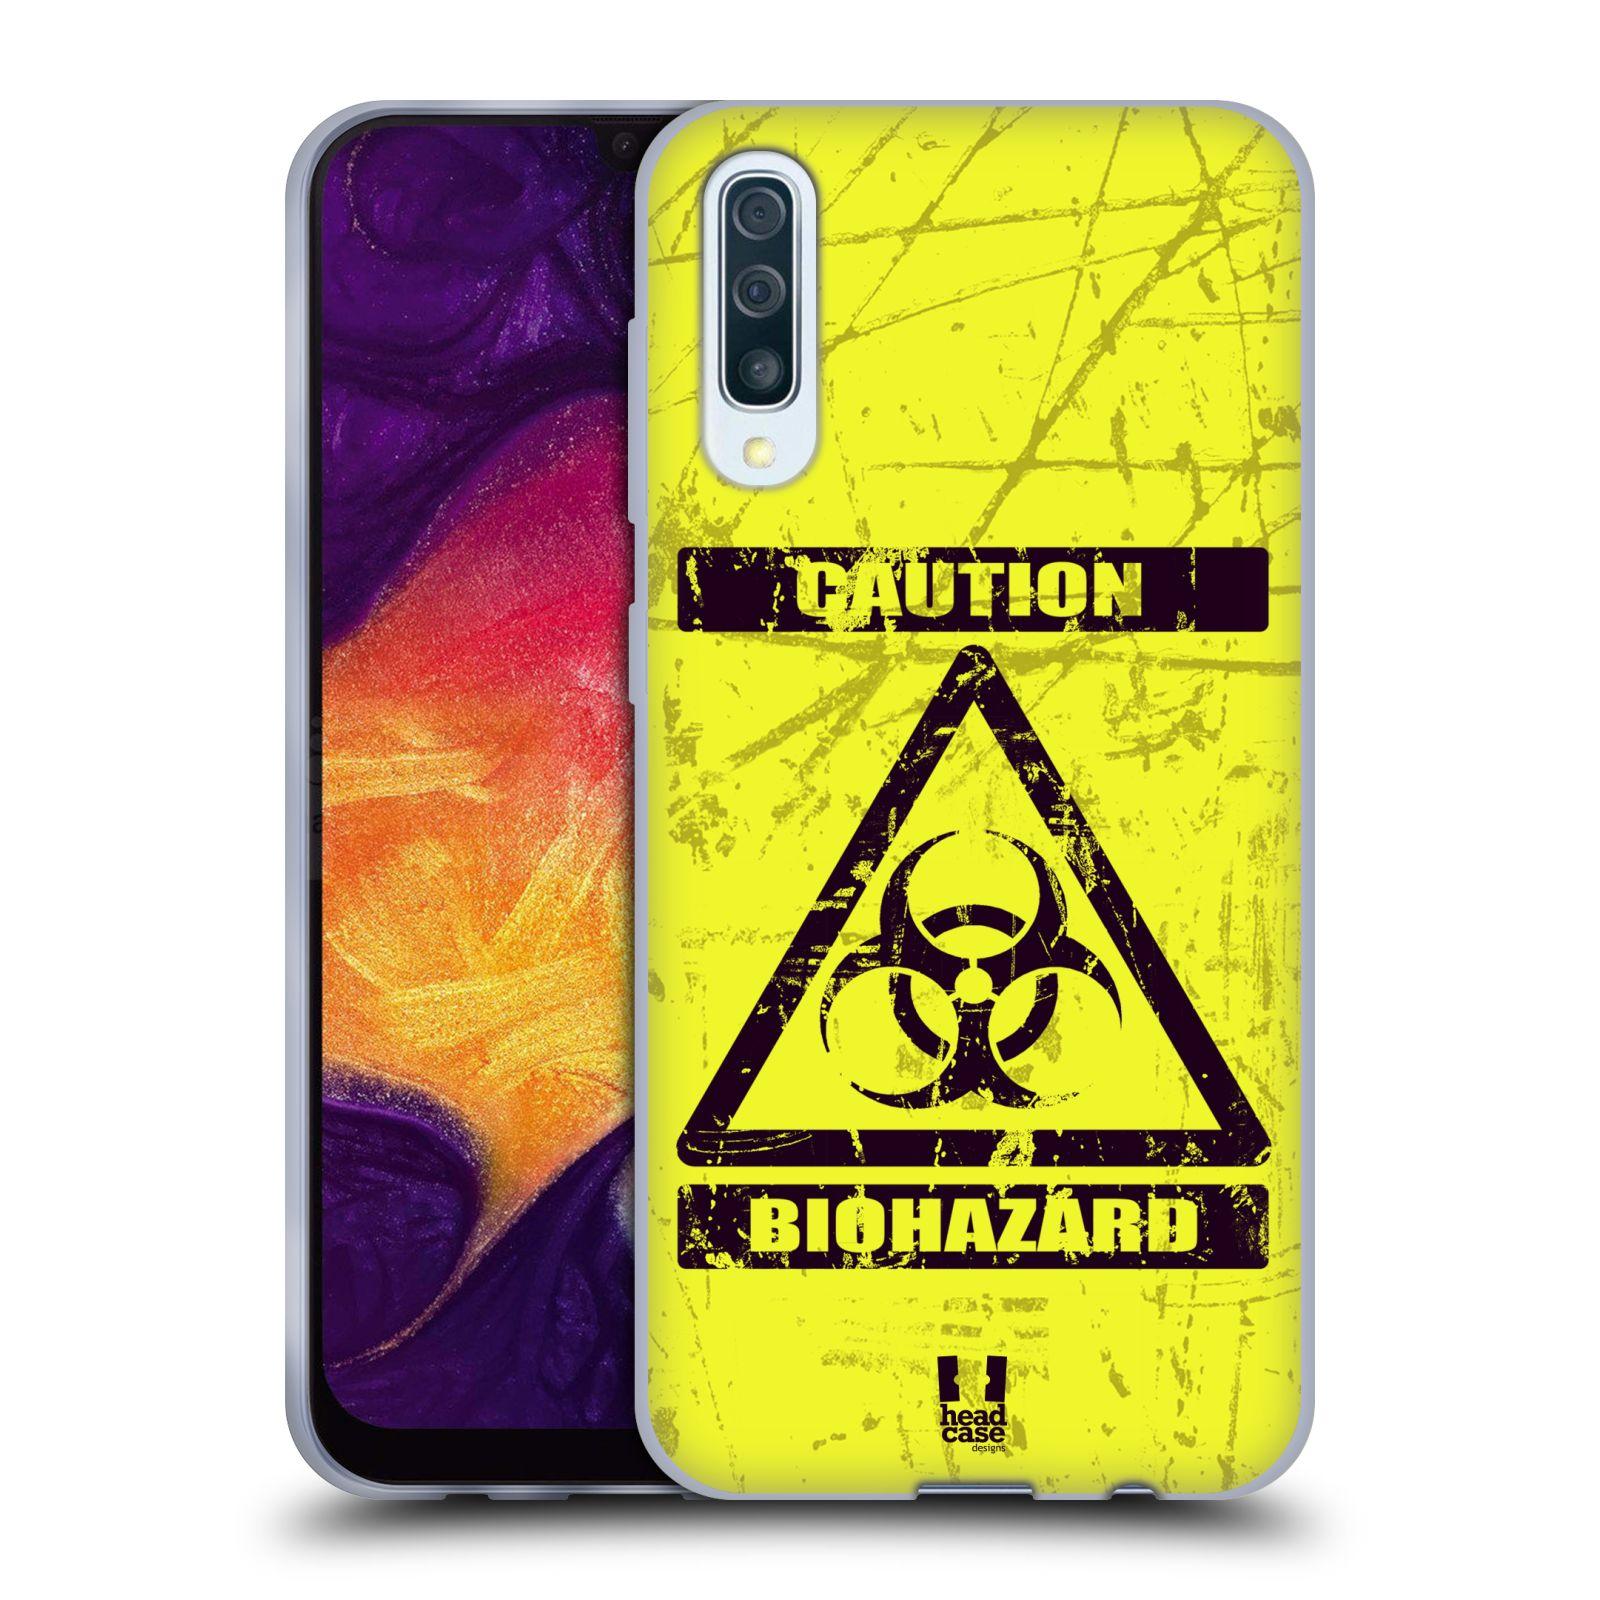 Silikonové pouzdro na mobil Samsung Galaxy A50 / A30s - Head Case - BIOHAZARD